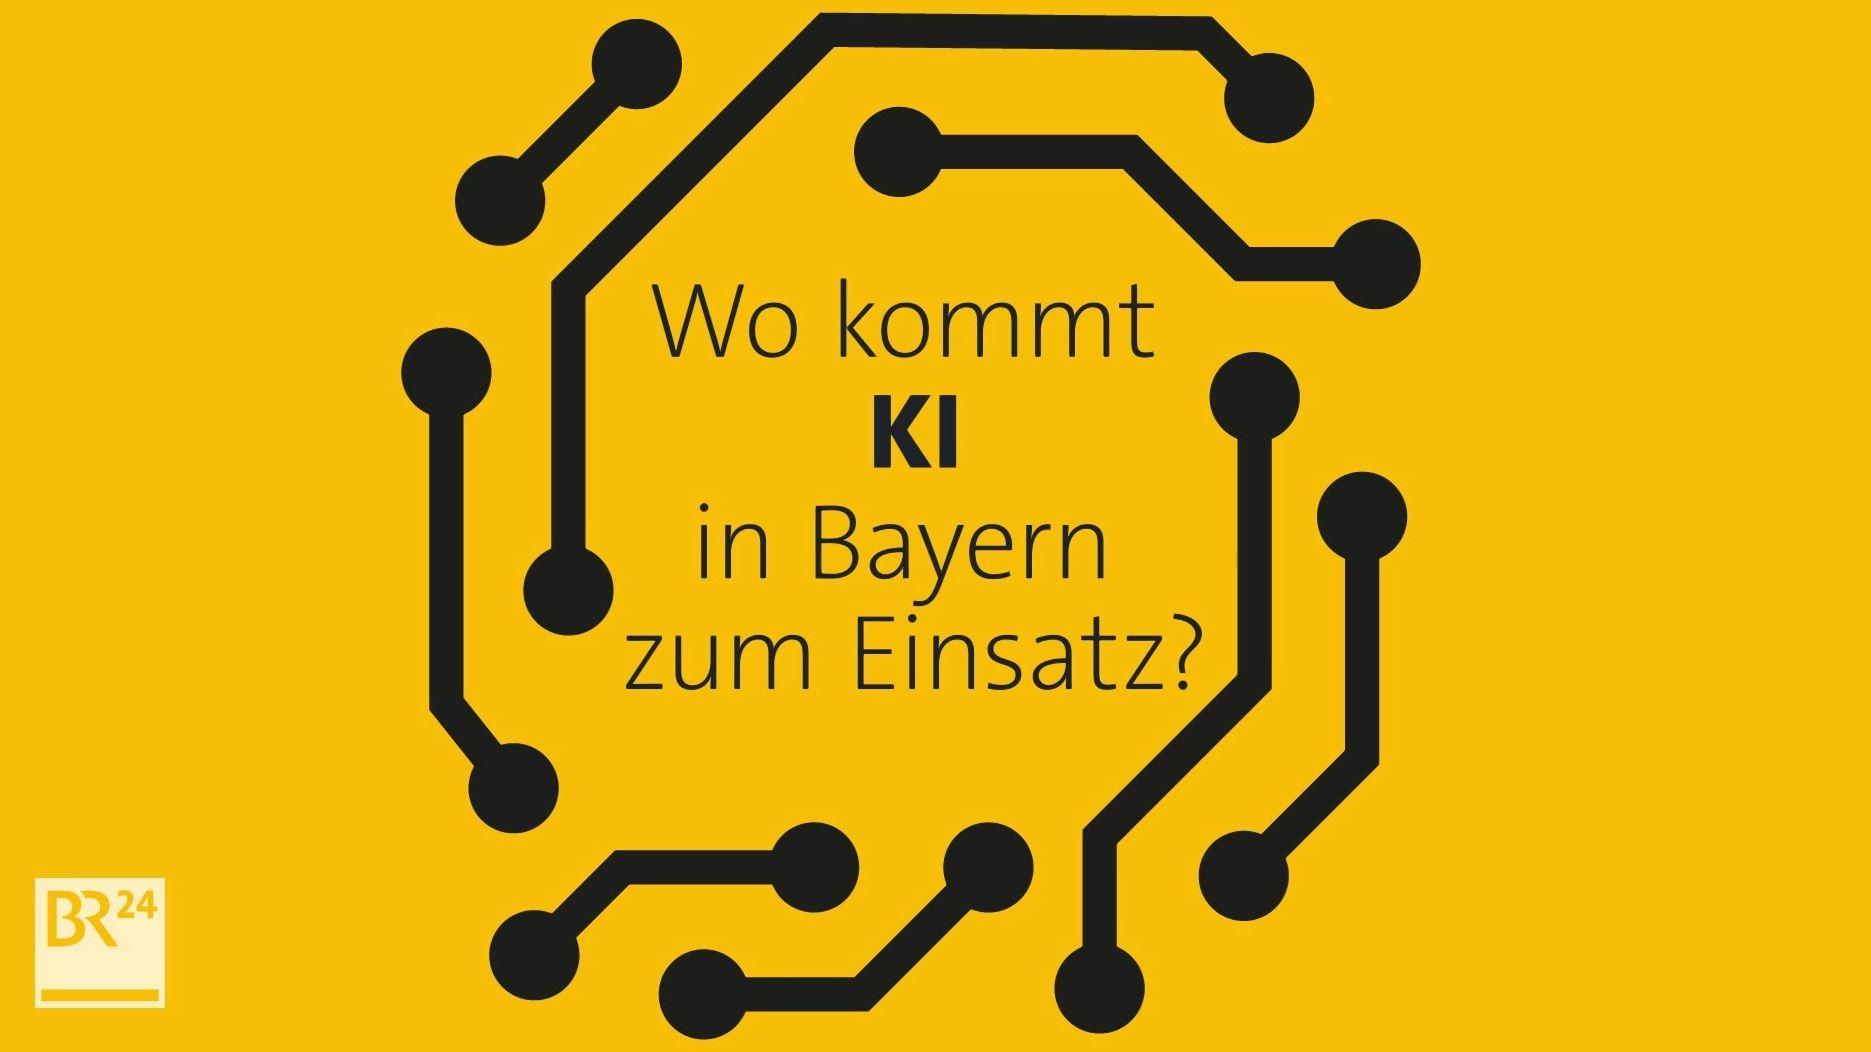 Wo kommt KI in Bayern zum Einsatz?